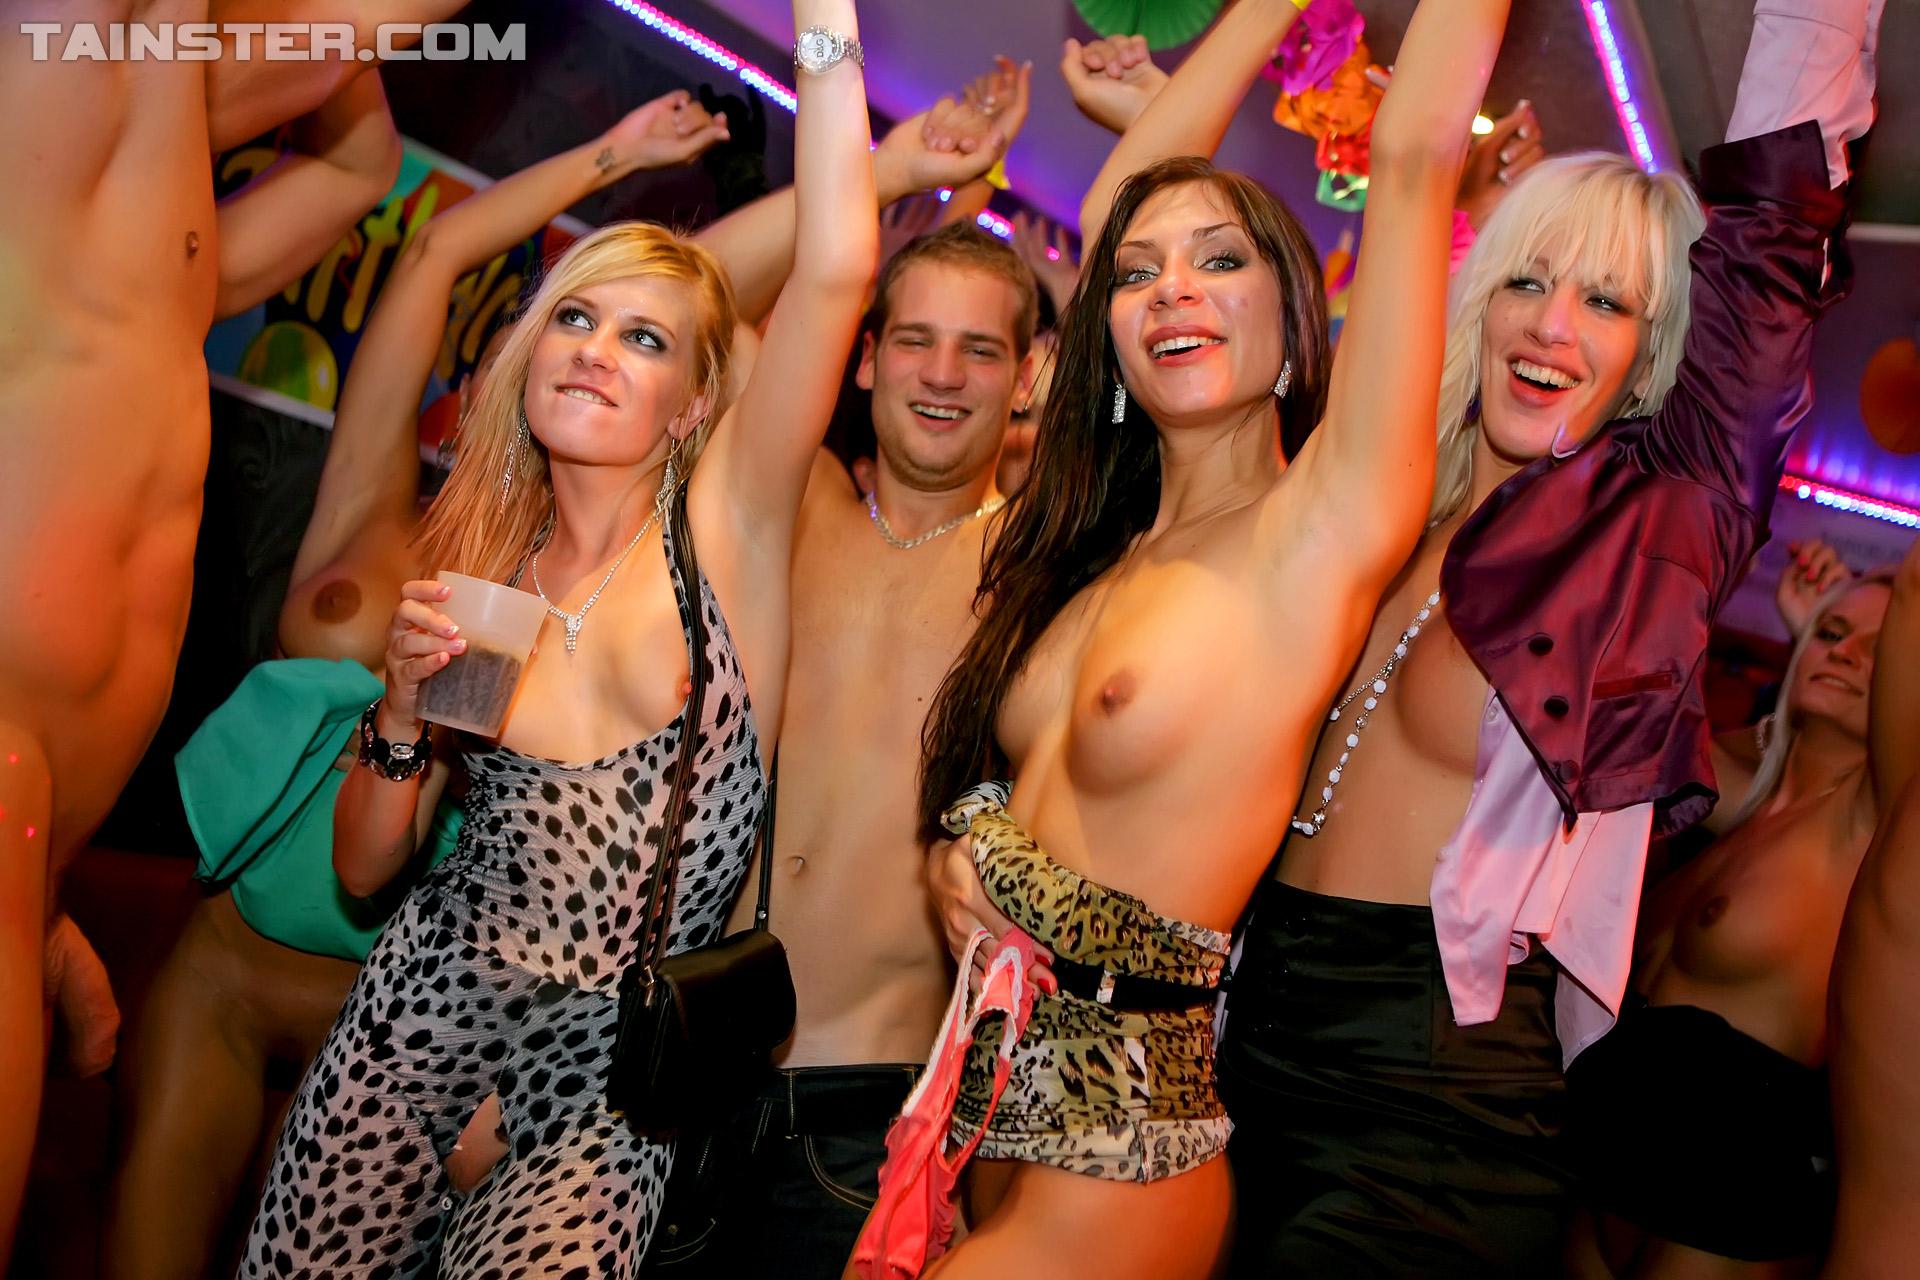 Фото вечеринок голых, Порно фото на вечеринке 4 фотография